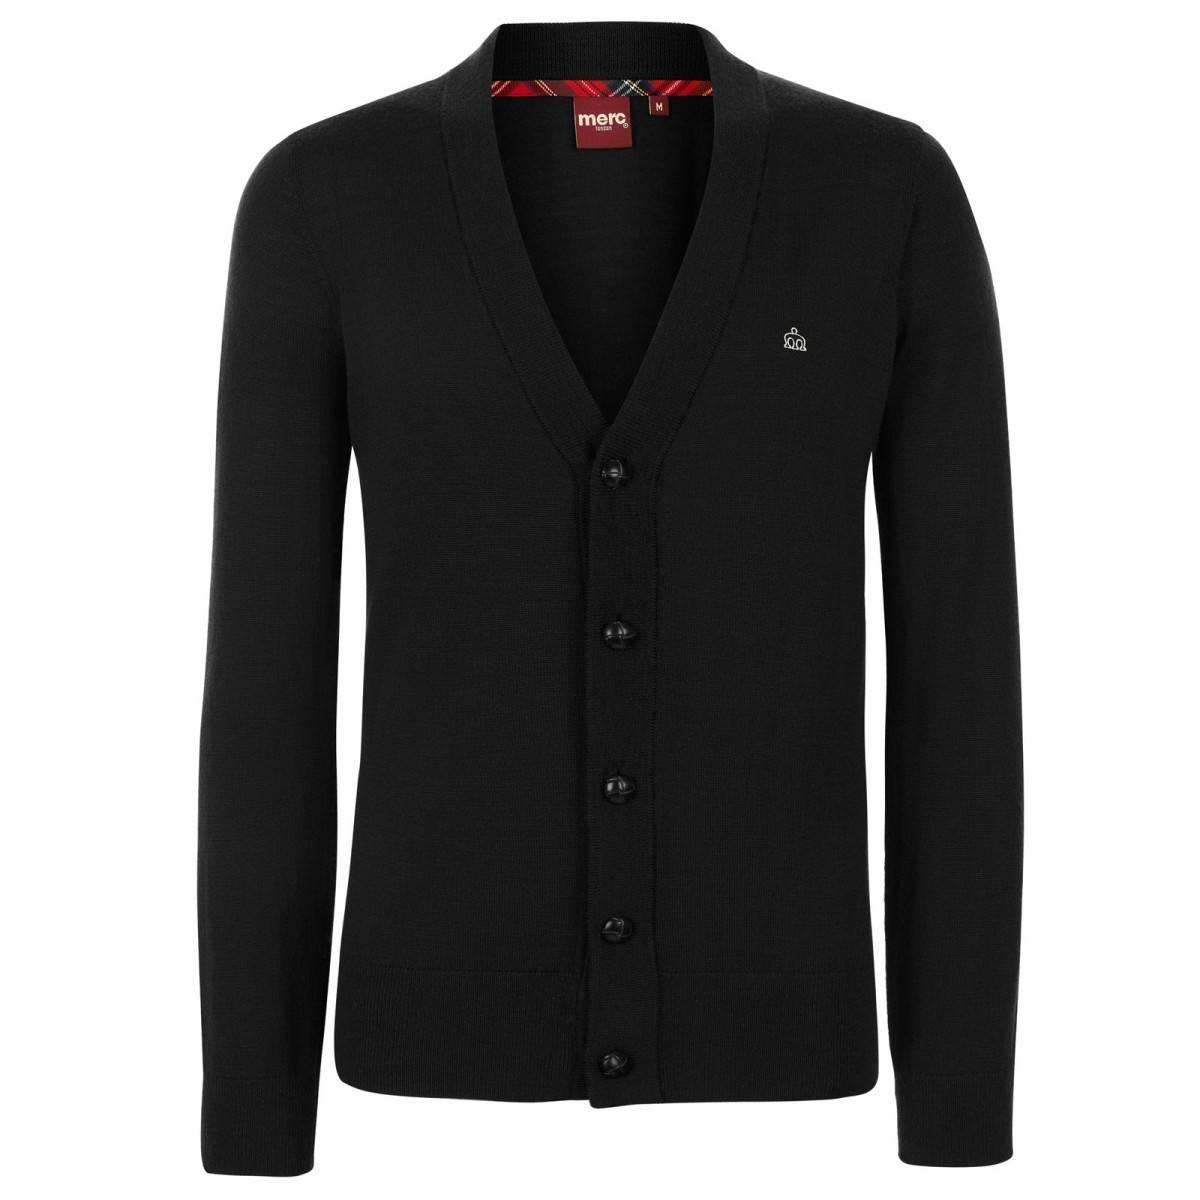 Кардиган HarrisCORE<br>Классический, на кожаных пуговицах, истинно английский кардиган из мягкой, но прочной высококачественной шерстяной пряжи - незаменимая вещь в гардеробе для создания красивых комплектов с рубашками или поло. &amp;lt;br /&amp;gt;<br>&amp;lt;br /&amp;gt;<br>Манжеты, воротник и низ изделия выполнены трикотажной резинкой, обеспечивающей посадку по фигуре.&amp;lt;br /&amp;gt;<br>&amp;lt;br /&amp;gt;<br>Благородная простота этого кардигана привлекает строгой и законченной формой, являясь каноническим образцом исконного стиля Merc.&amp;lt;br /&amp;gt;<br>&amp;lt;br /&amp;gt;<br>Принадлежит к базовой всесезонной линии CORE.<br><br>Артикул: 1606202<br>Материал: 100% шерсть<br>Цвет: черный<br>Пол: Мужской